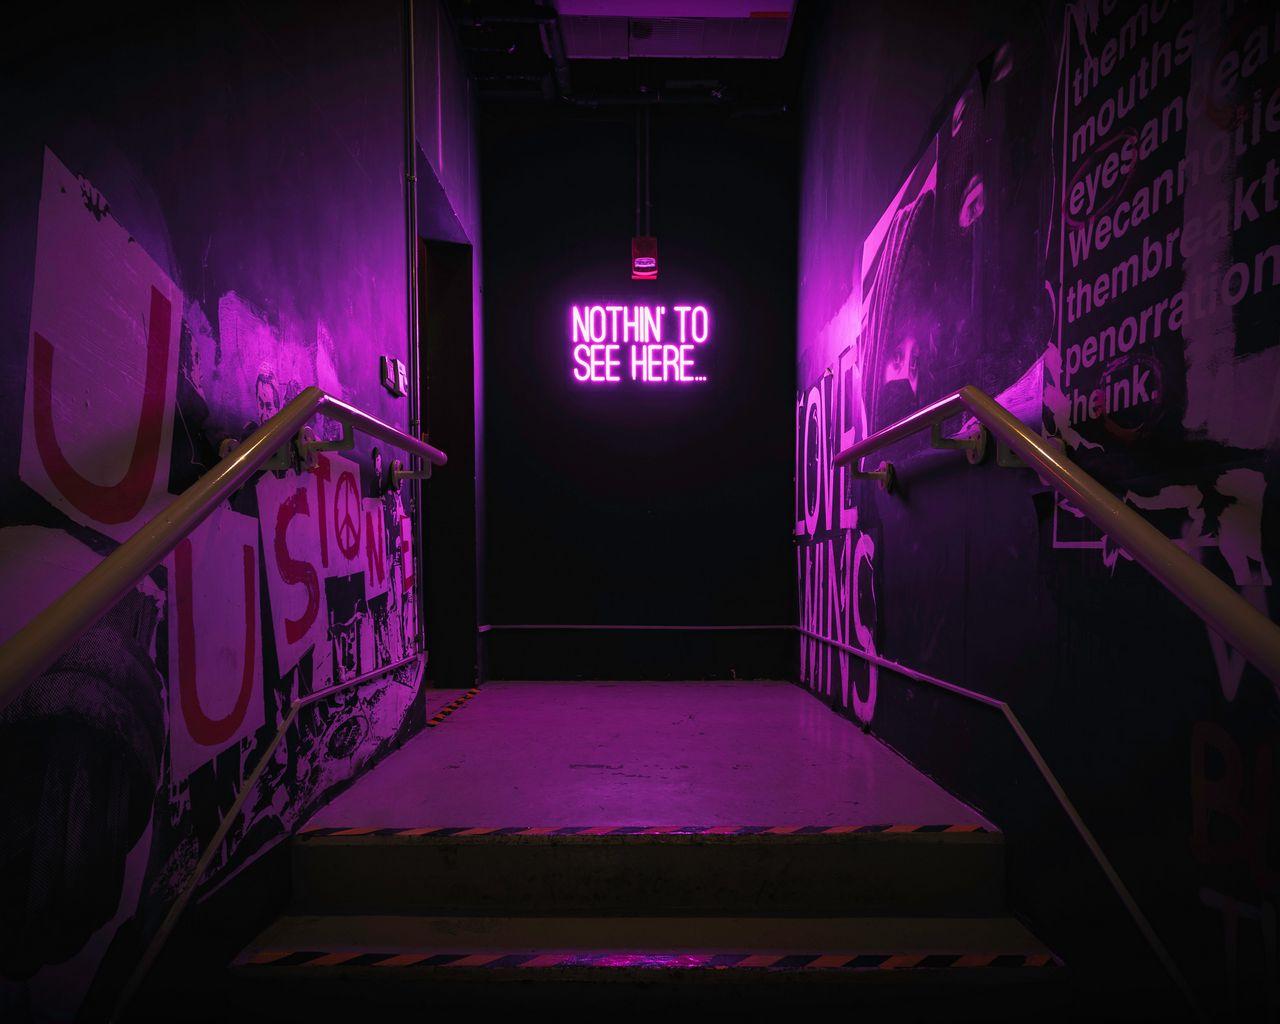 1280x1024 Обои неон, надпись, стена, фиолетовый, подсветка